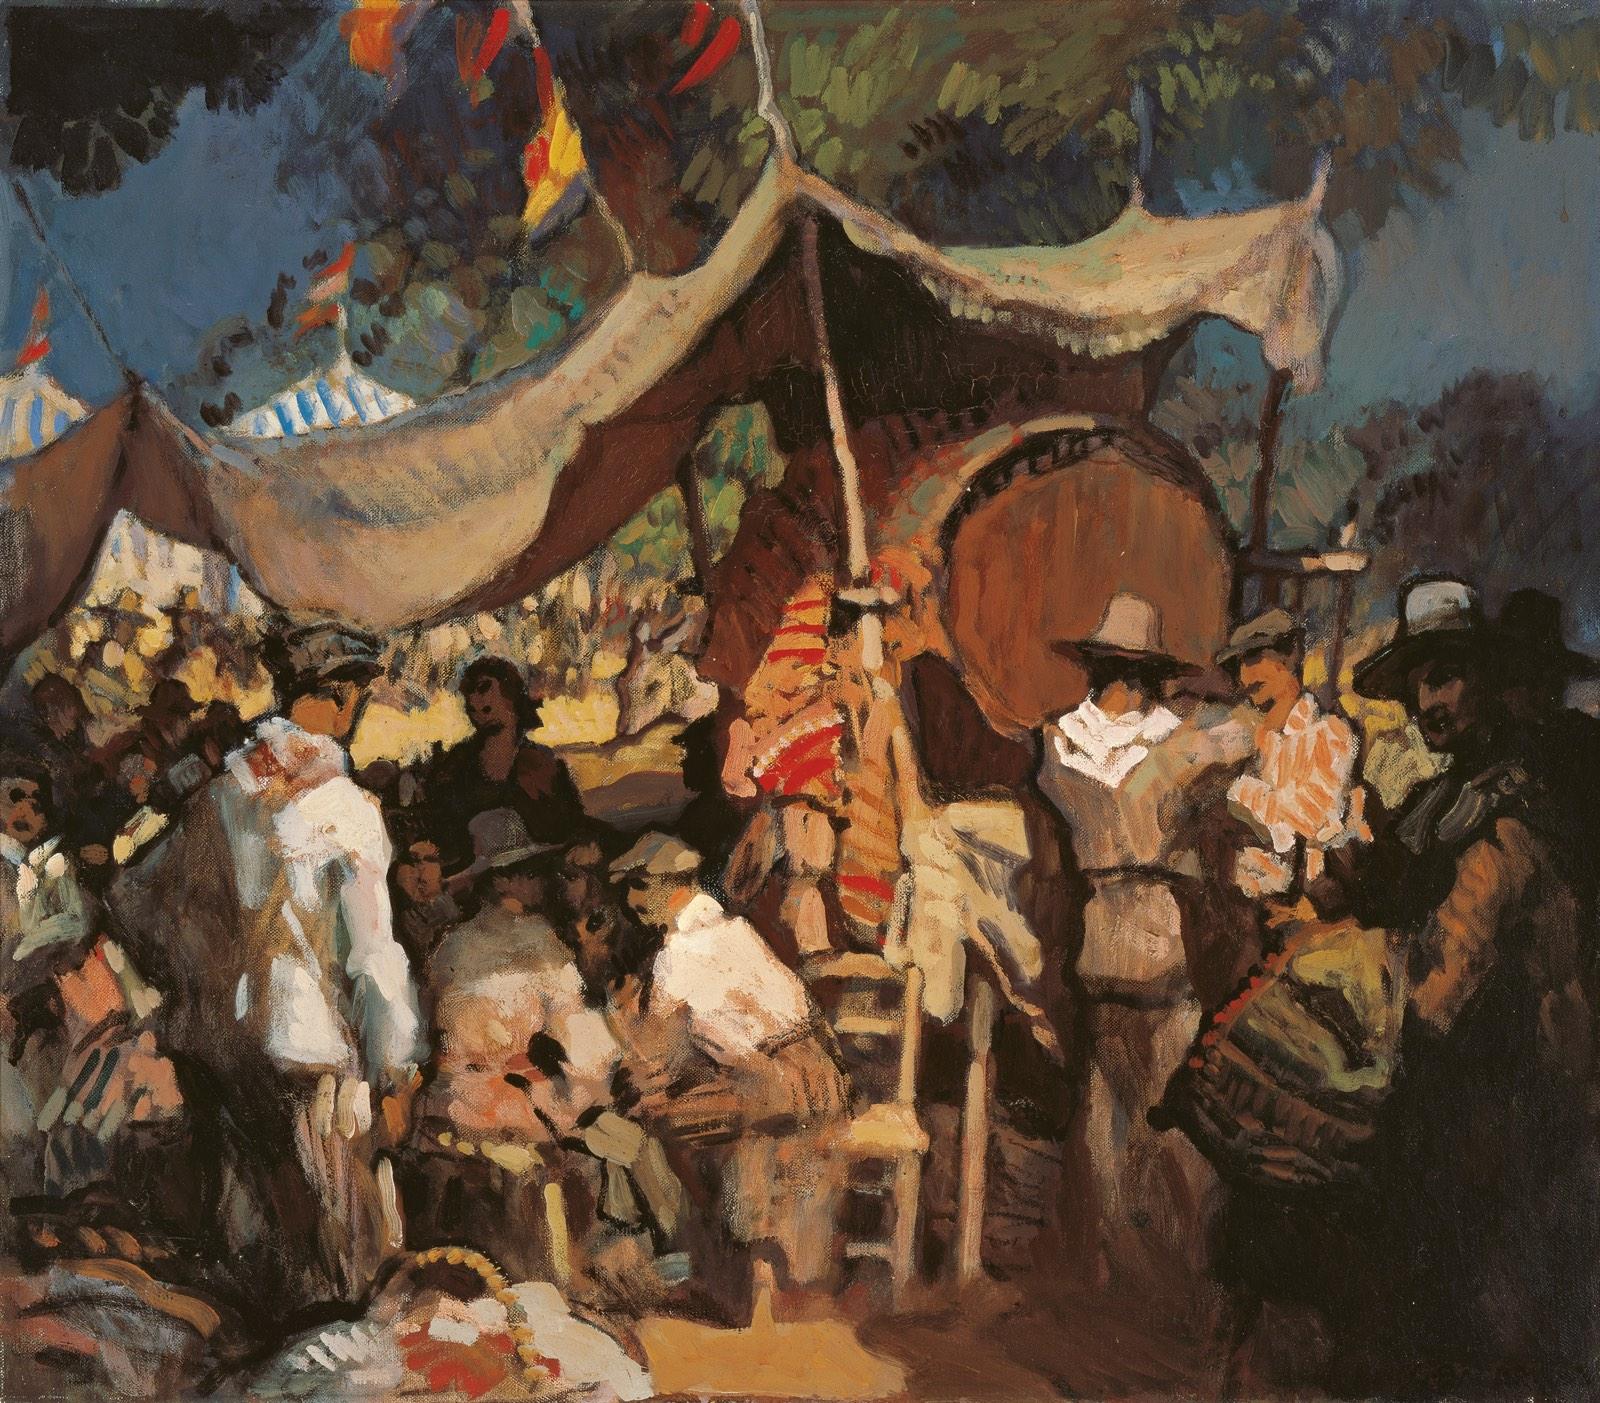 Feria (comienzo del siglo XX), de Gustavo Bacarisas